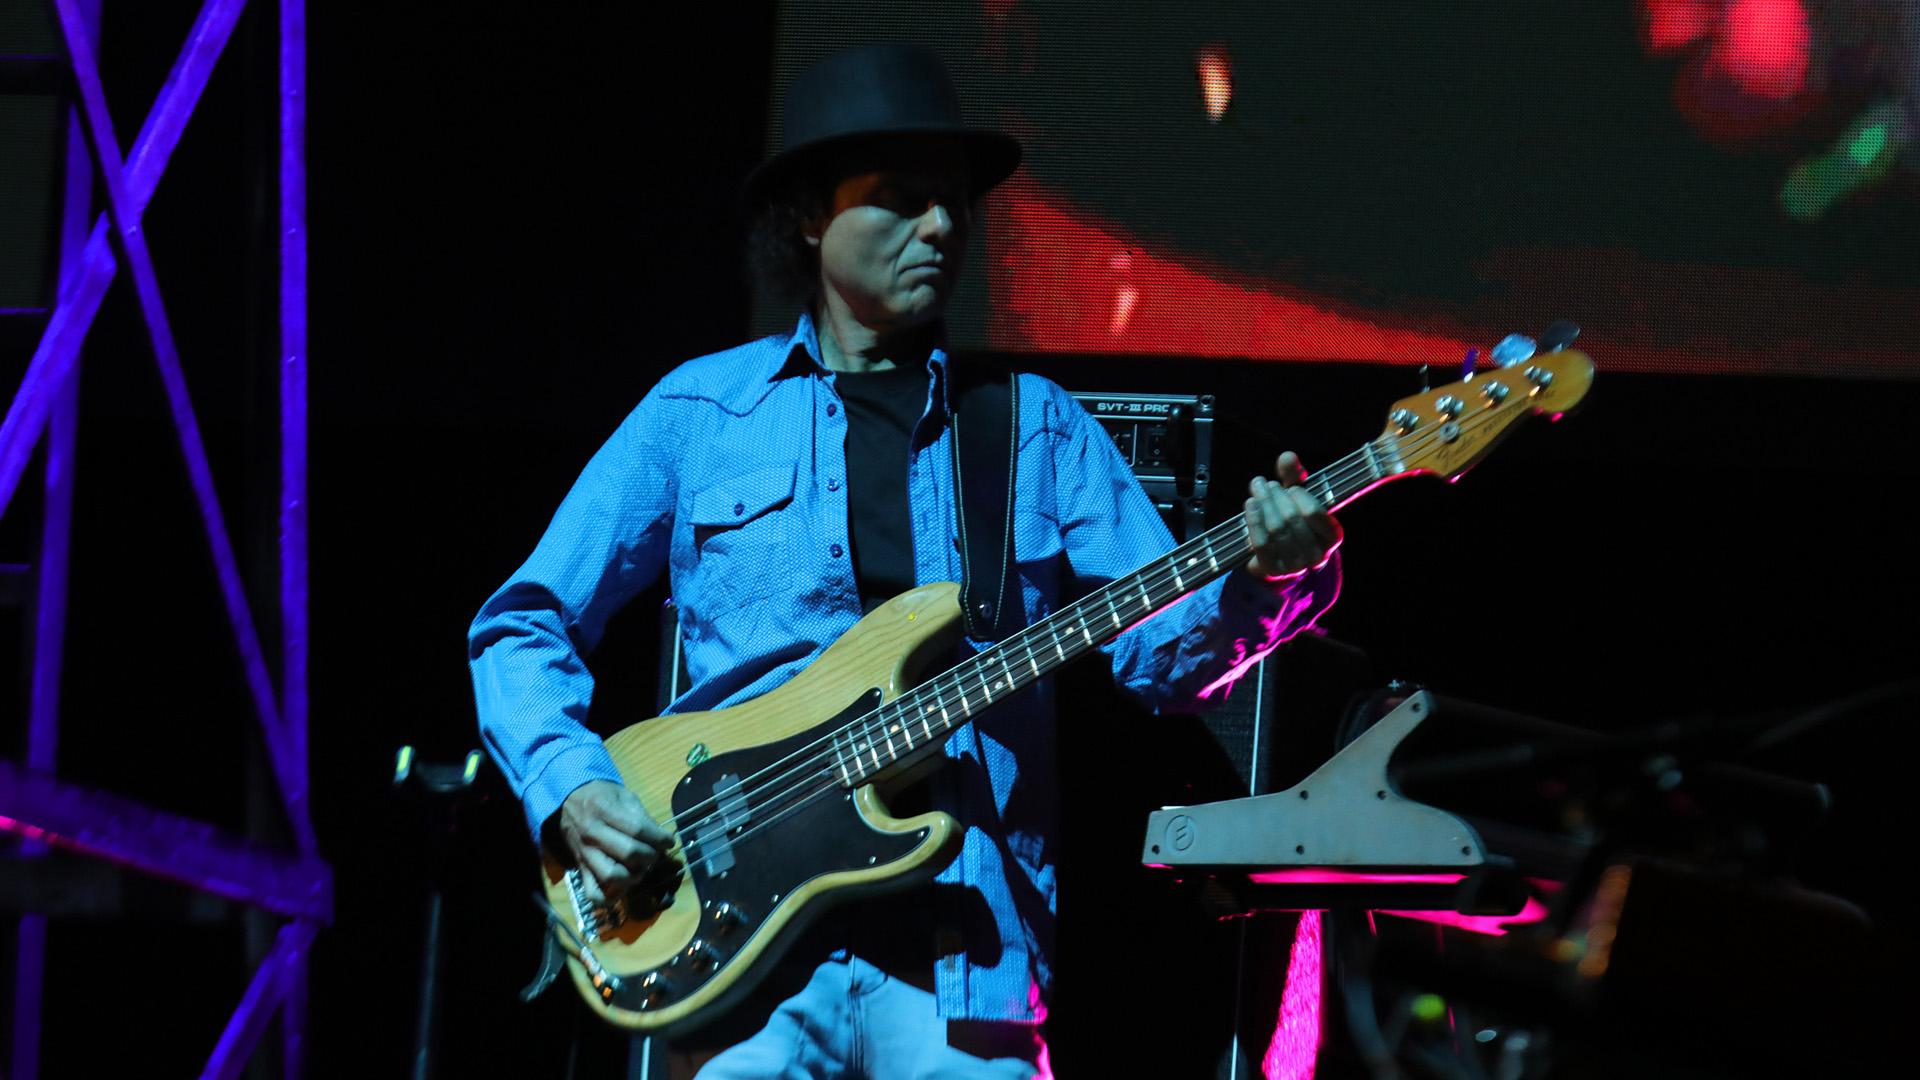 Kiuge Hayashida, el guitarrista de la banda que ya desde hace algunos años acompaña el hombre del bigote bicolor.El grupo lo completa Carlos González en el bajo